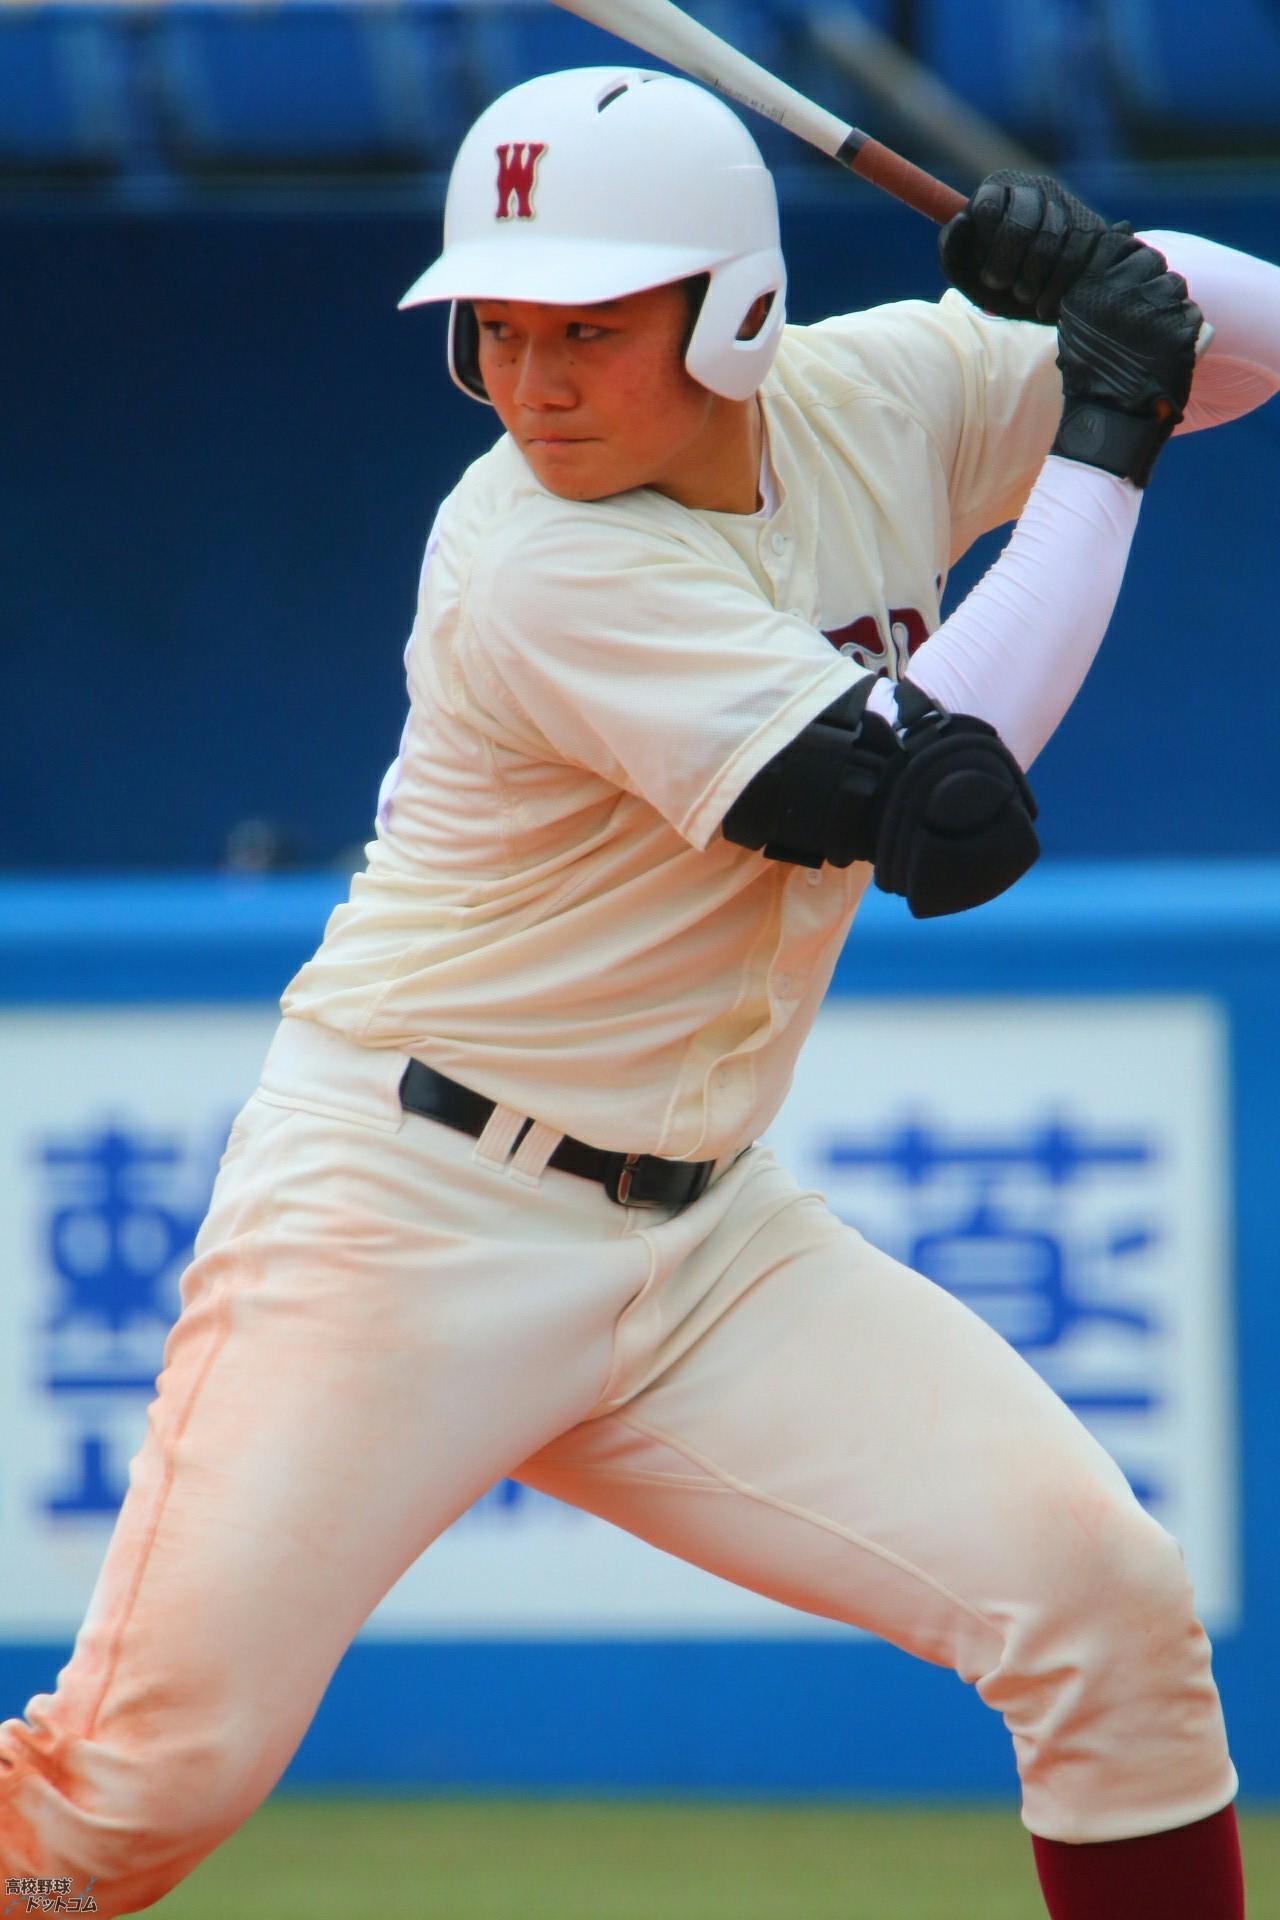 「2017年ドラフト大予想・野手編」清宮に負けじとセンバツで輝いたドラフト候補野手は誰だ?